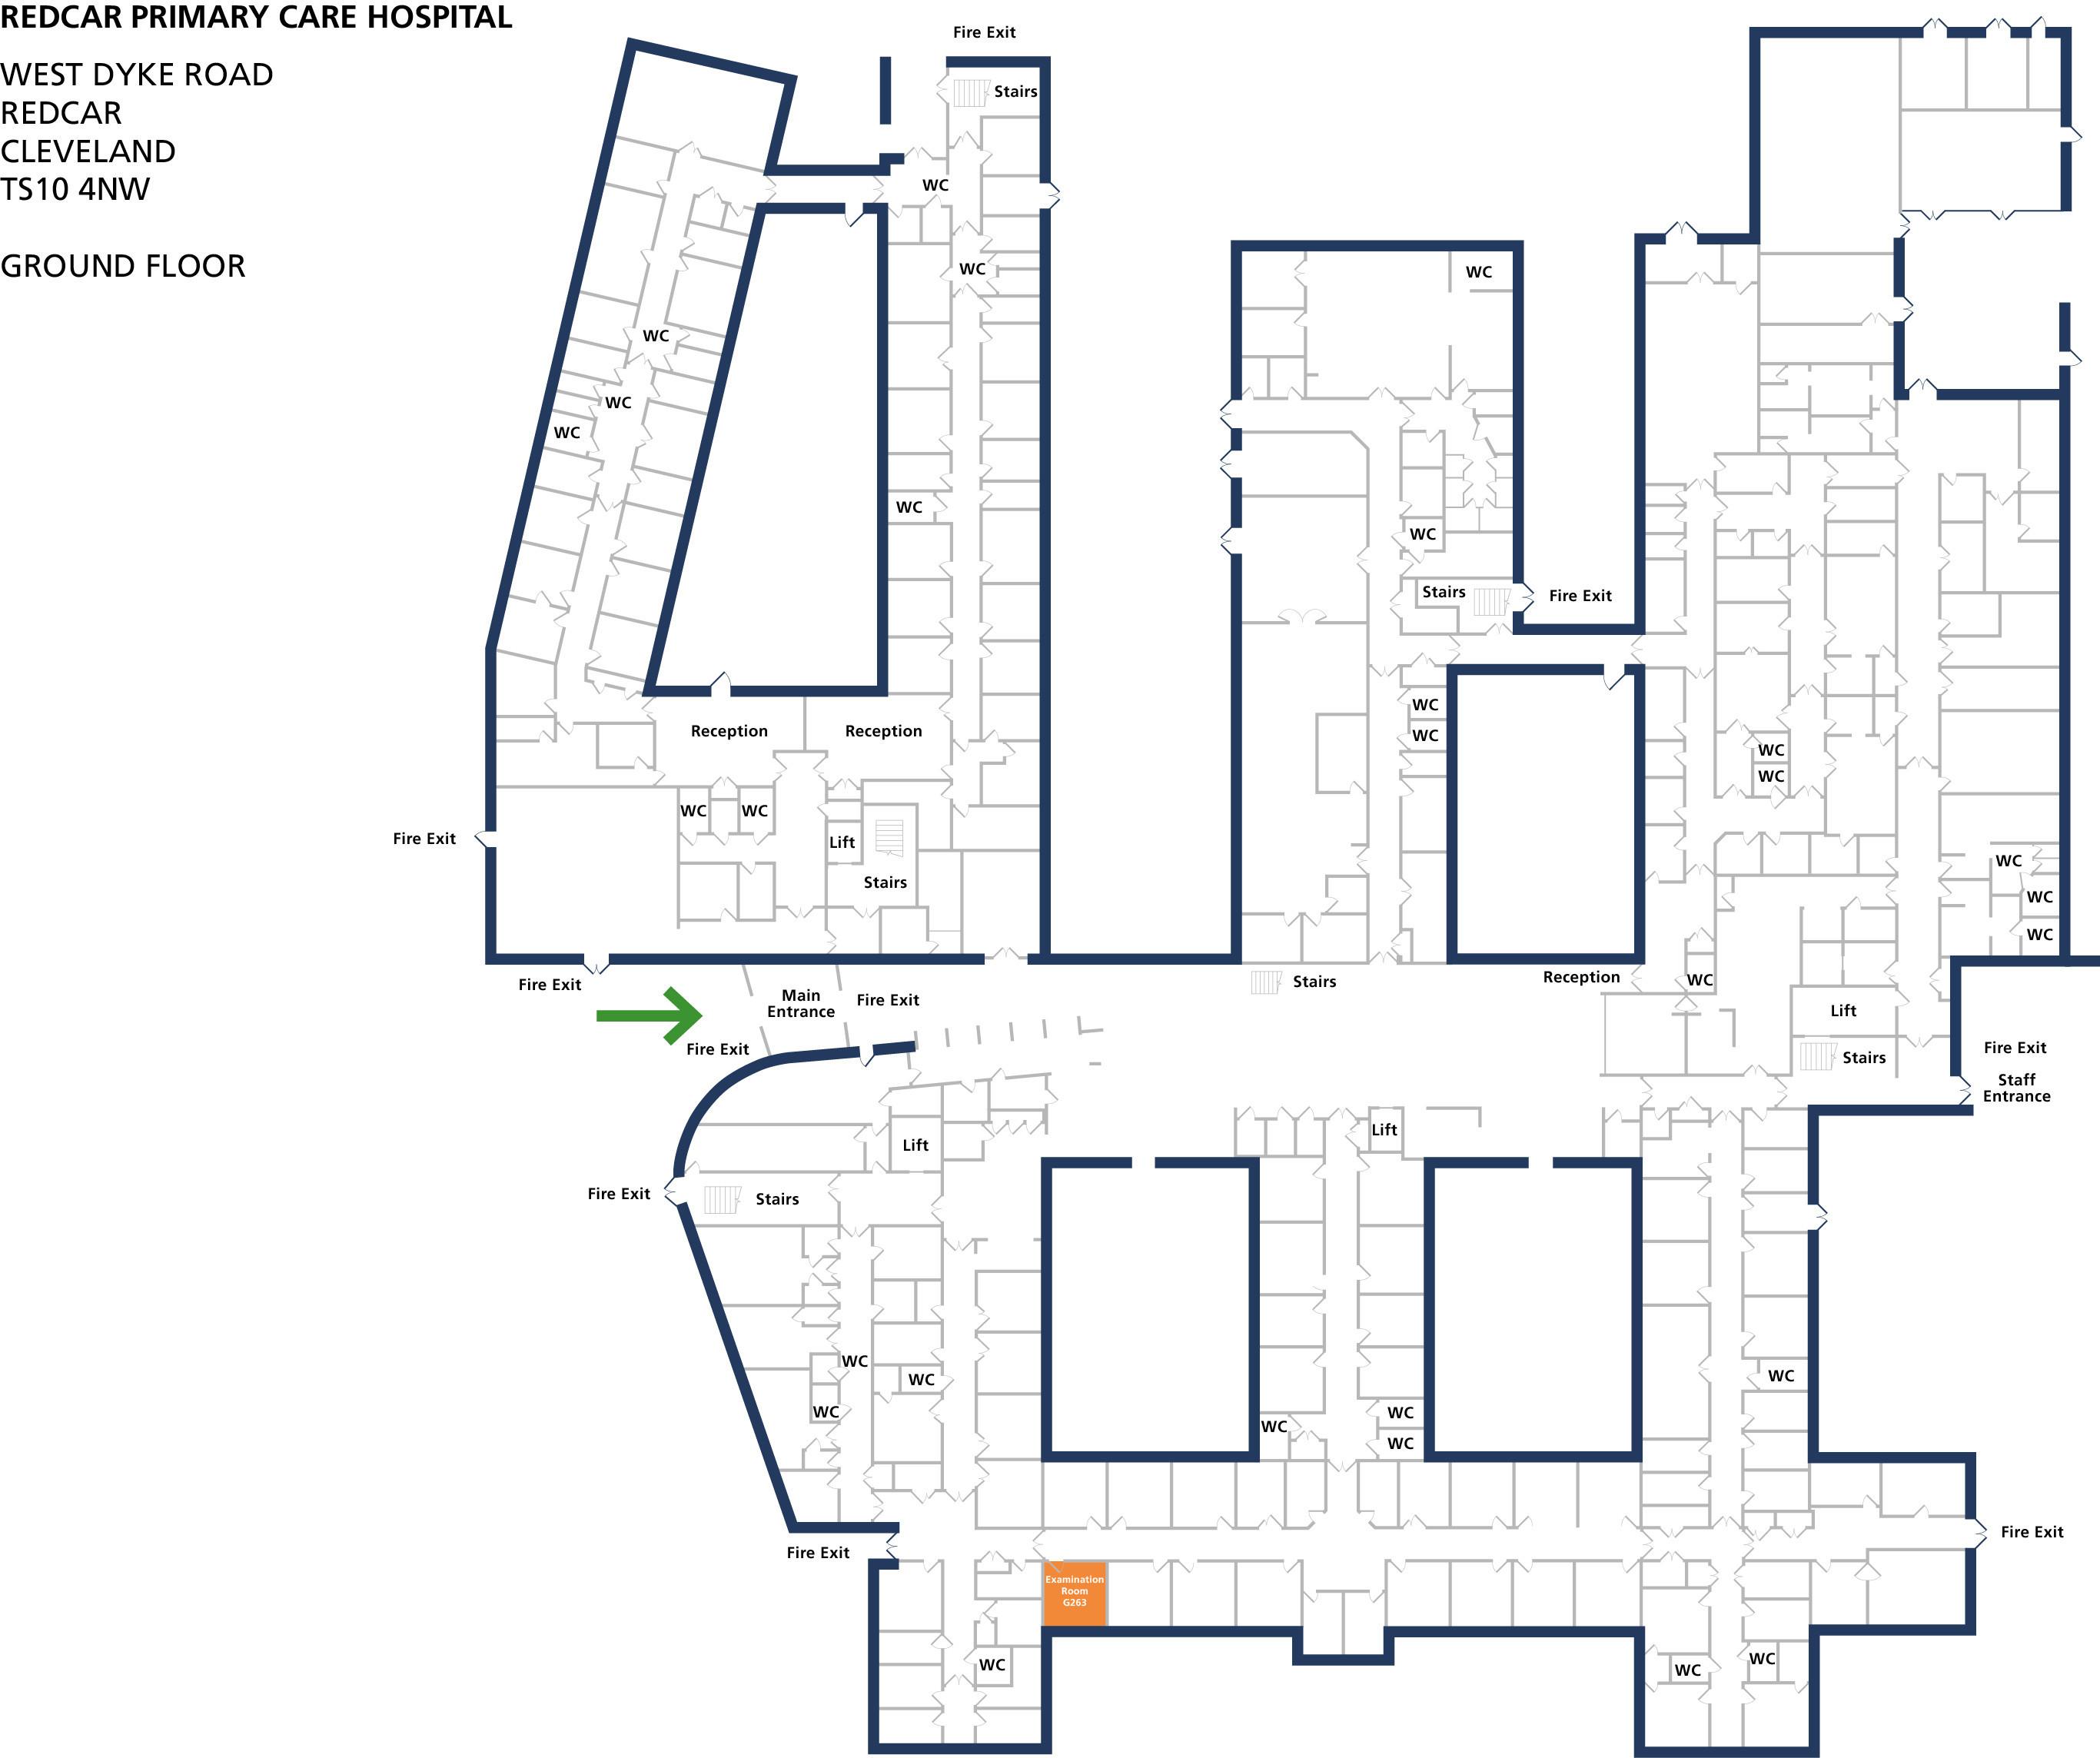 Examination room 263